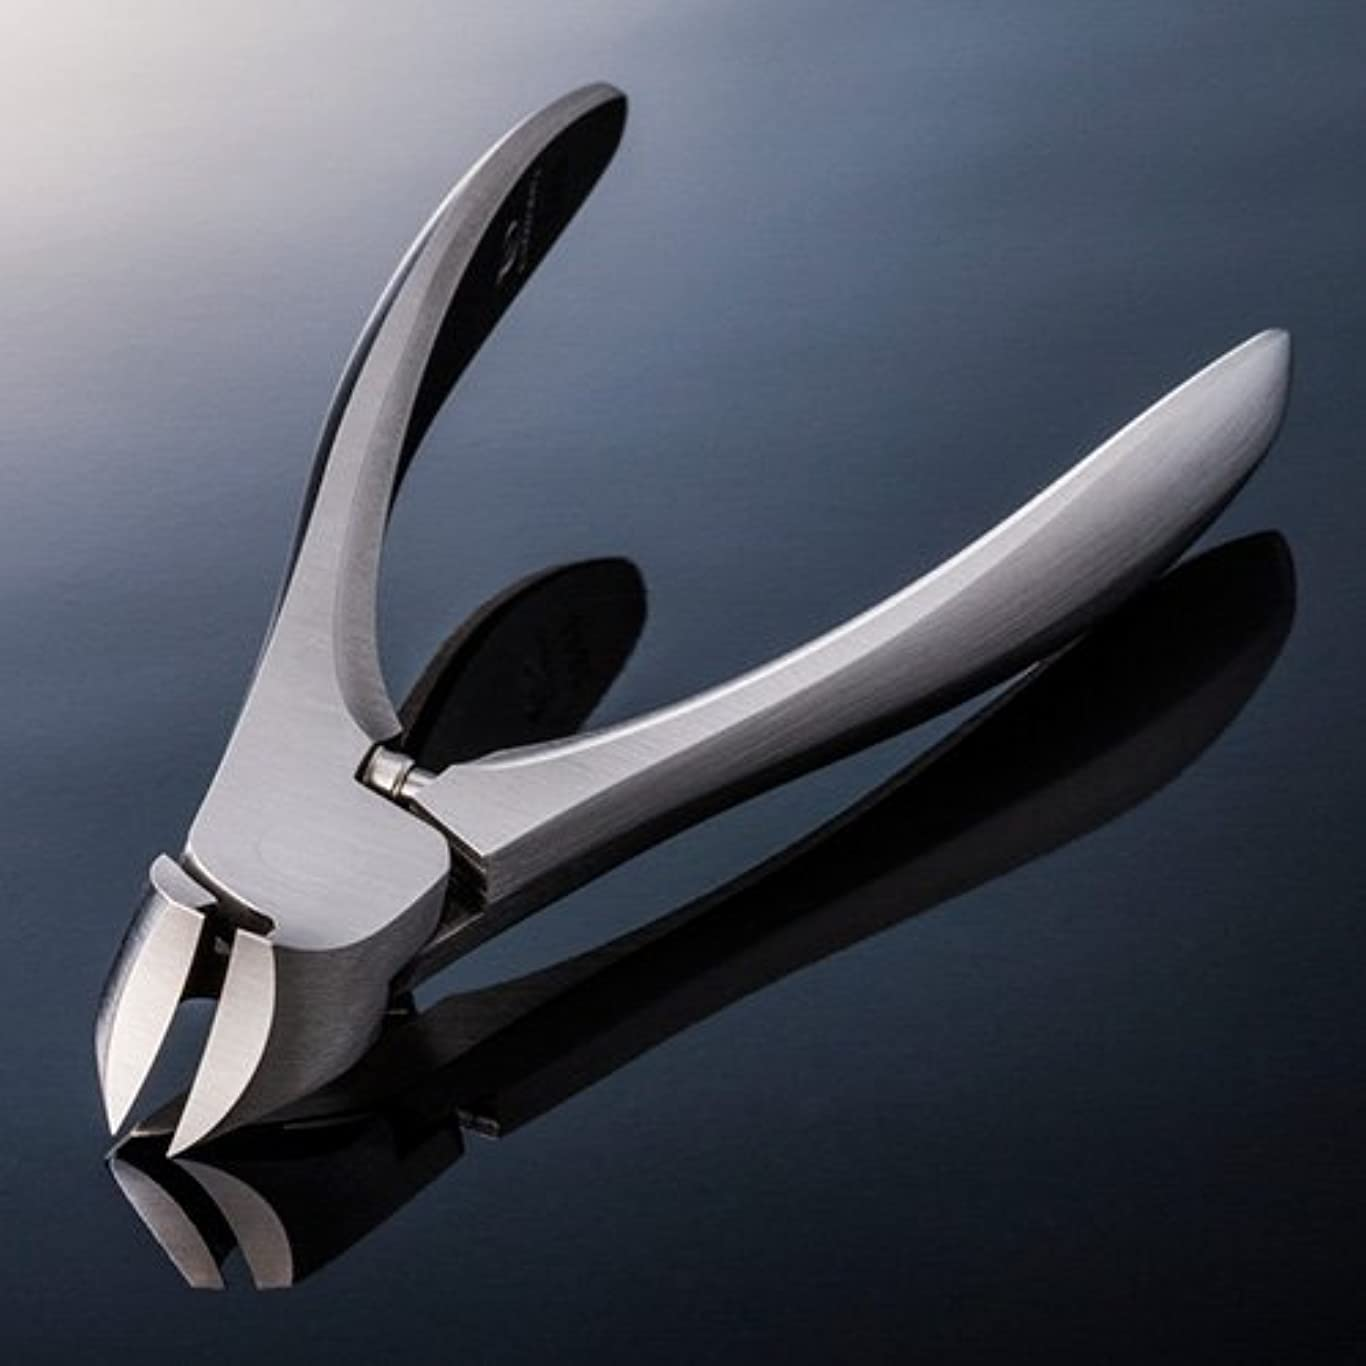 【SUWADA クラシックL 爪やすり付】 諏訪田のつめ切り 爪切り ネイルニッパー 収納メタルケース付 /日本のいいもの